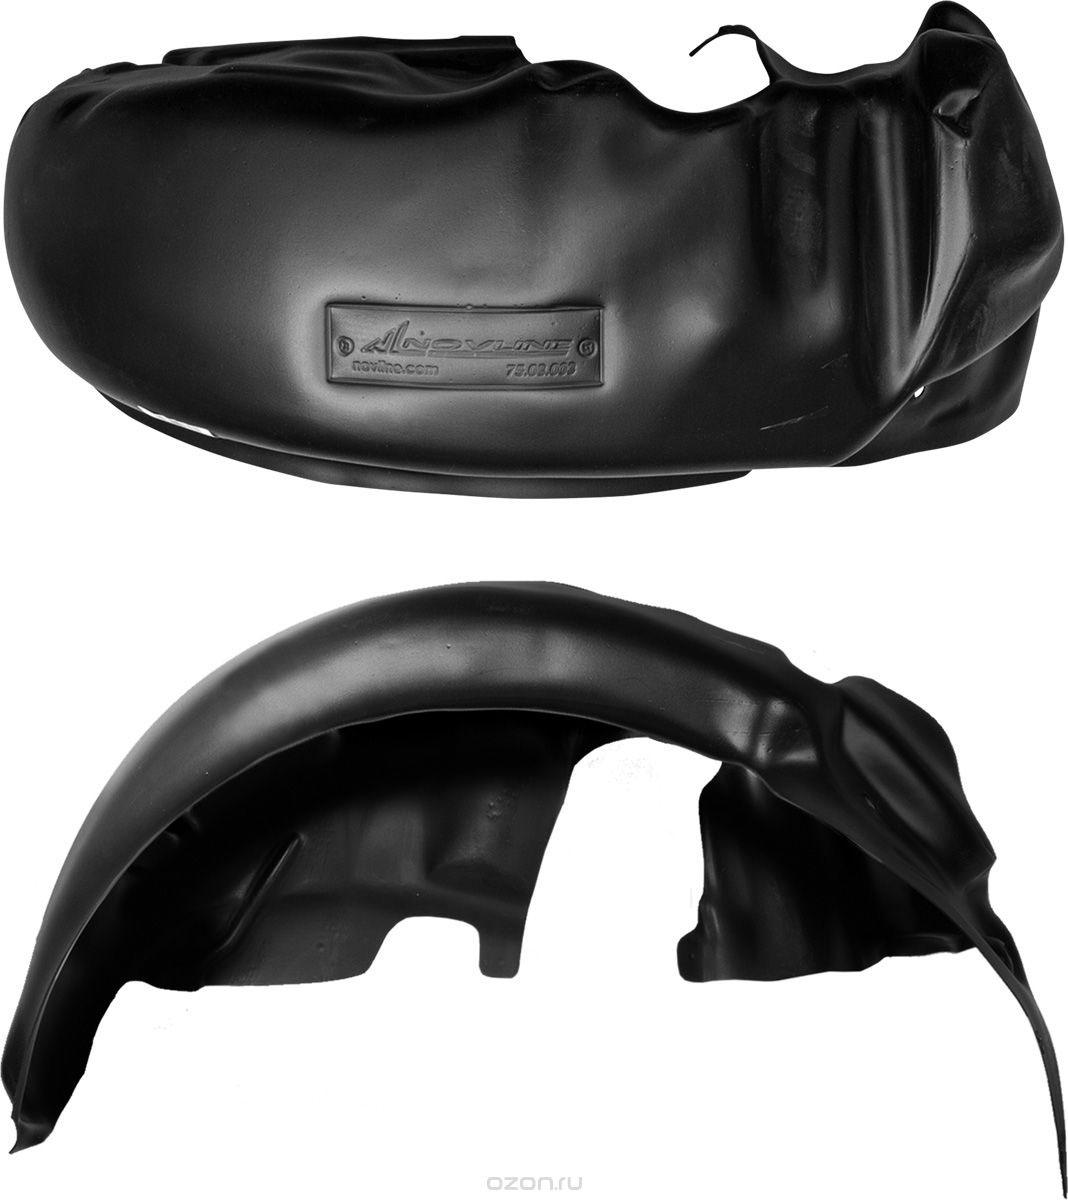 Подкрылок Novline-Autofamily, для PEUGEOT Boxer 2006-2014, без расширителей арок, передний правыйNLL.38.18.002Идеальная защита колесной ниши. Локеры разработаны с применением цифровых технологий, гарантируют максимальную повторяемость поверхности арки. Изделия устанавливаются без нарушения лакокрасочного покрытия автомобиля, каждый подкрылок комплектуется крепежом. Уважаемые клиенты, обращаем ваше внимание, что фотографии на подкрылки универсальные и не отражают реальную форму изделия. При этом само изделие идет точно под размер указанного автомобиля.